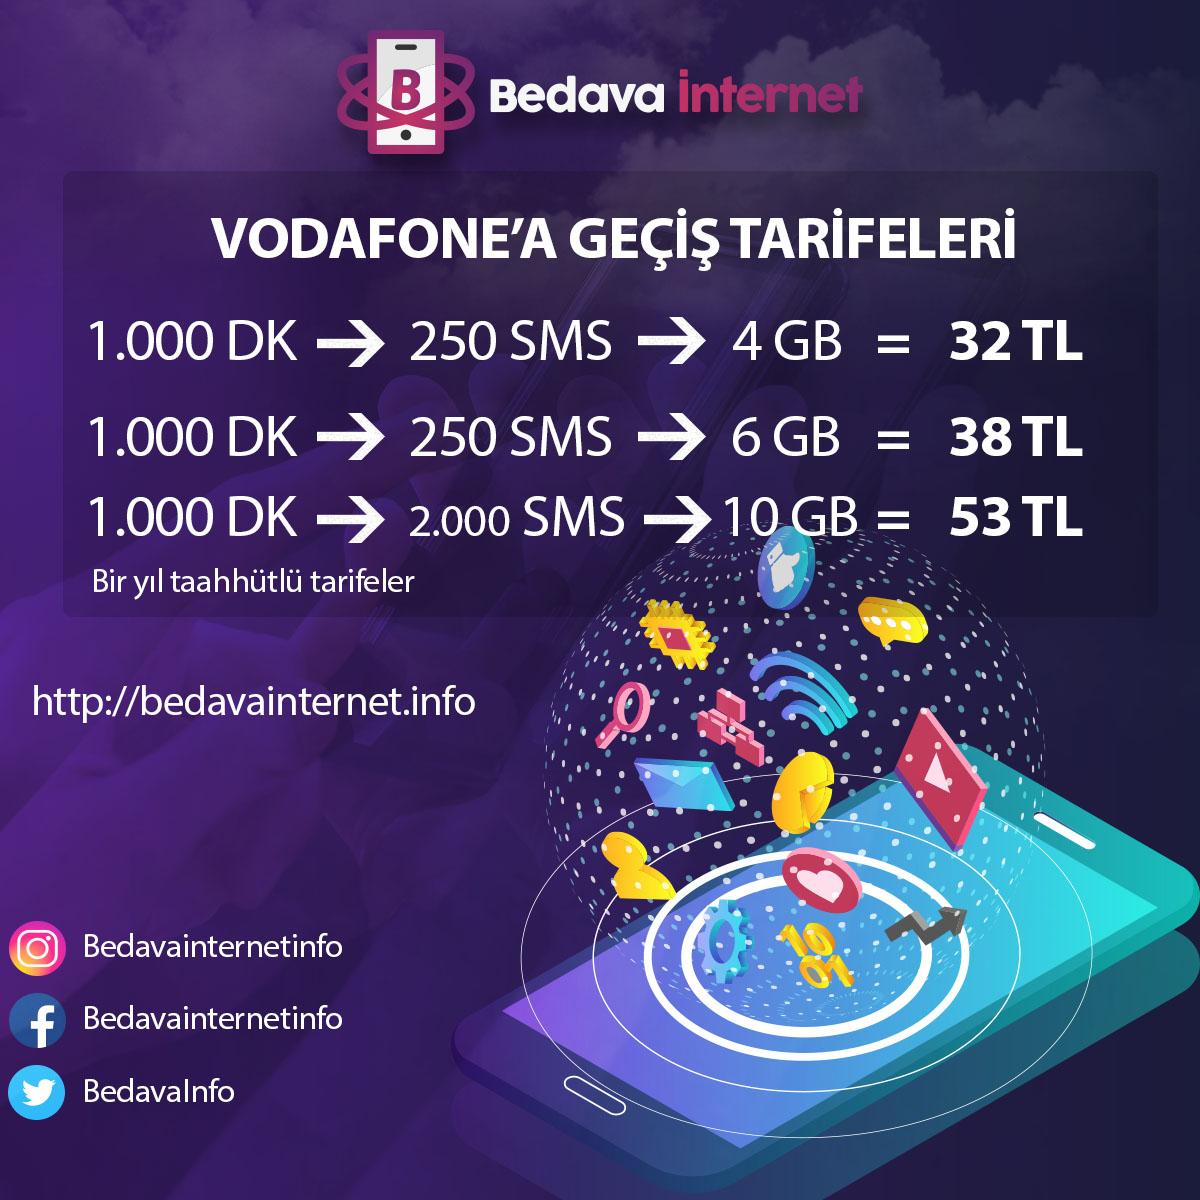 2019 Yılı Vodafone Geçiş Hediye ve Avantajları